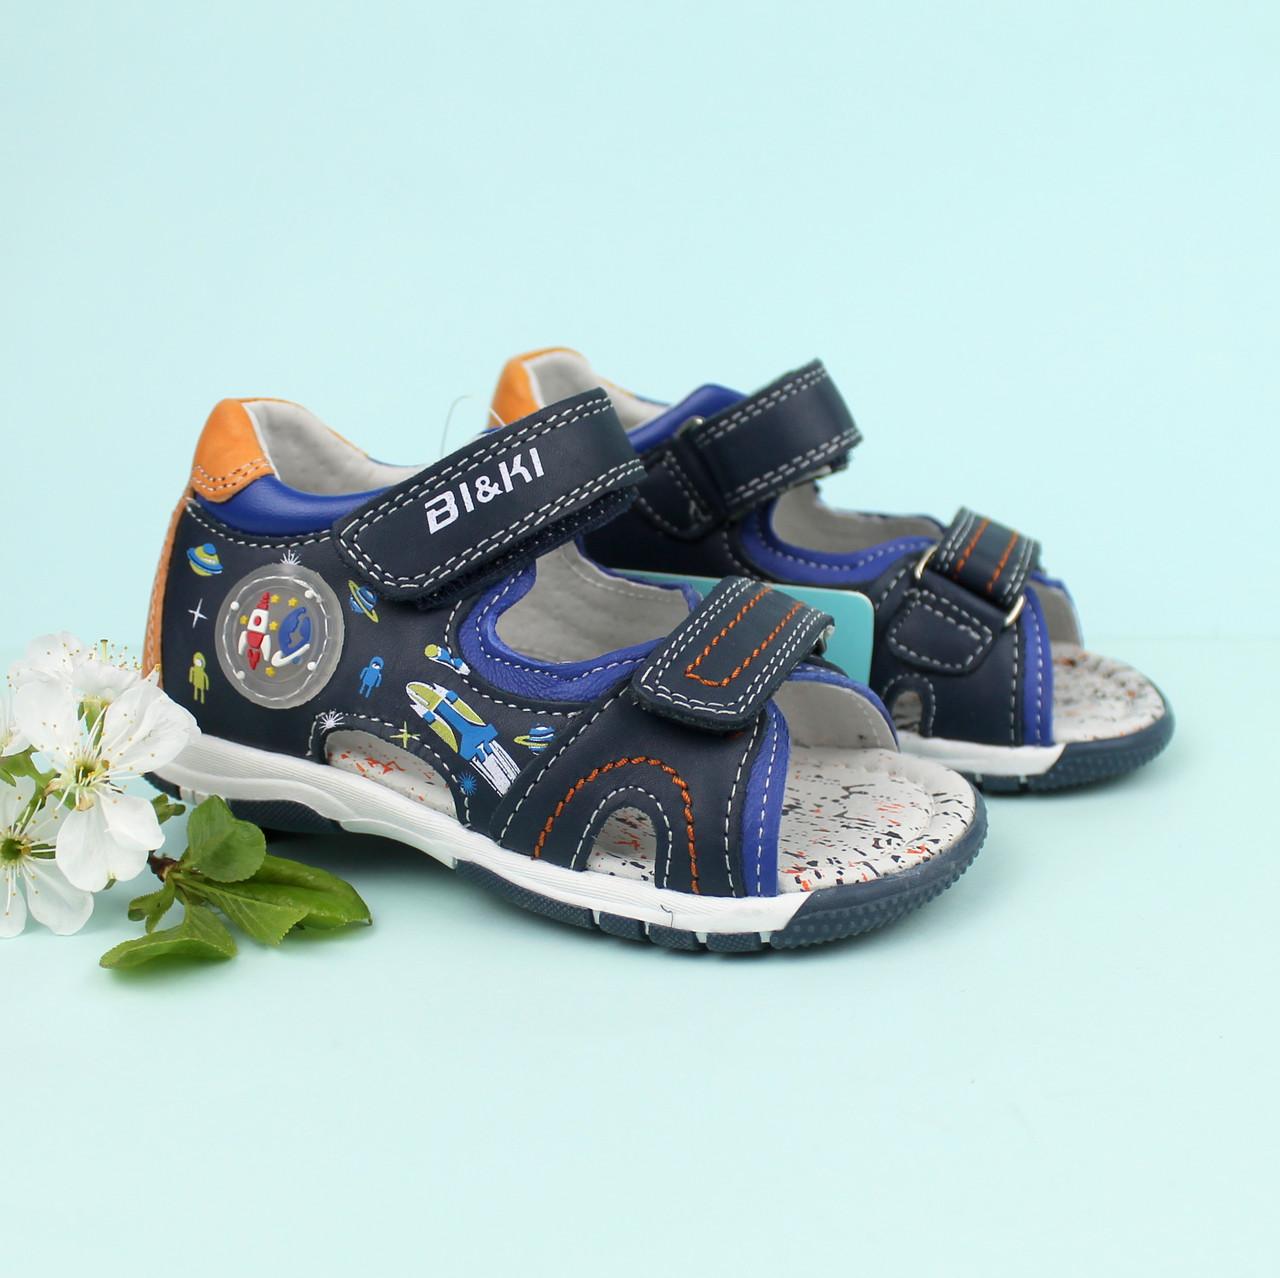 Кожаные босоножки для мальчика Bi&Ki серия детская летняя обувь р.21,22,24